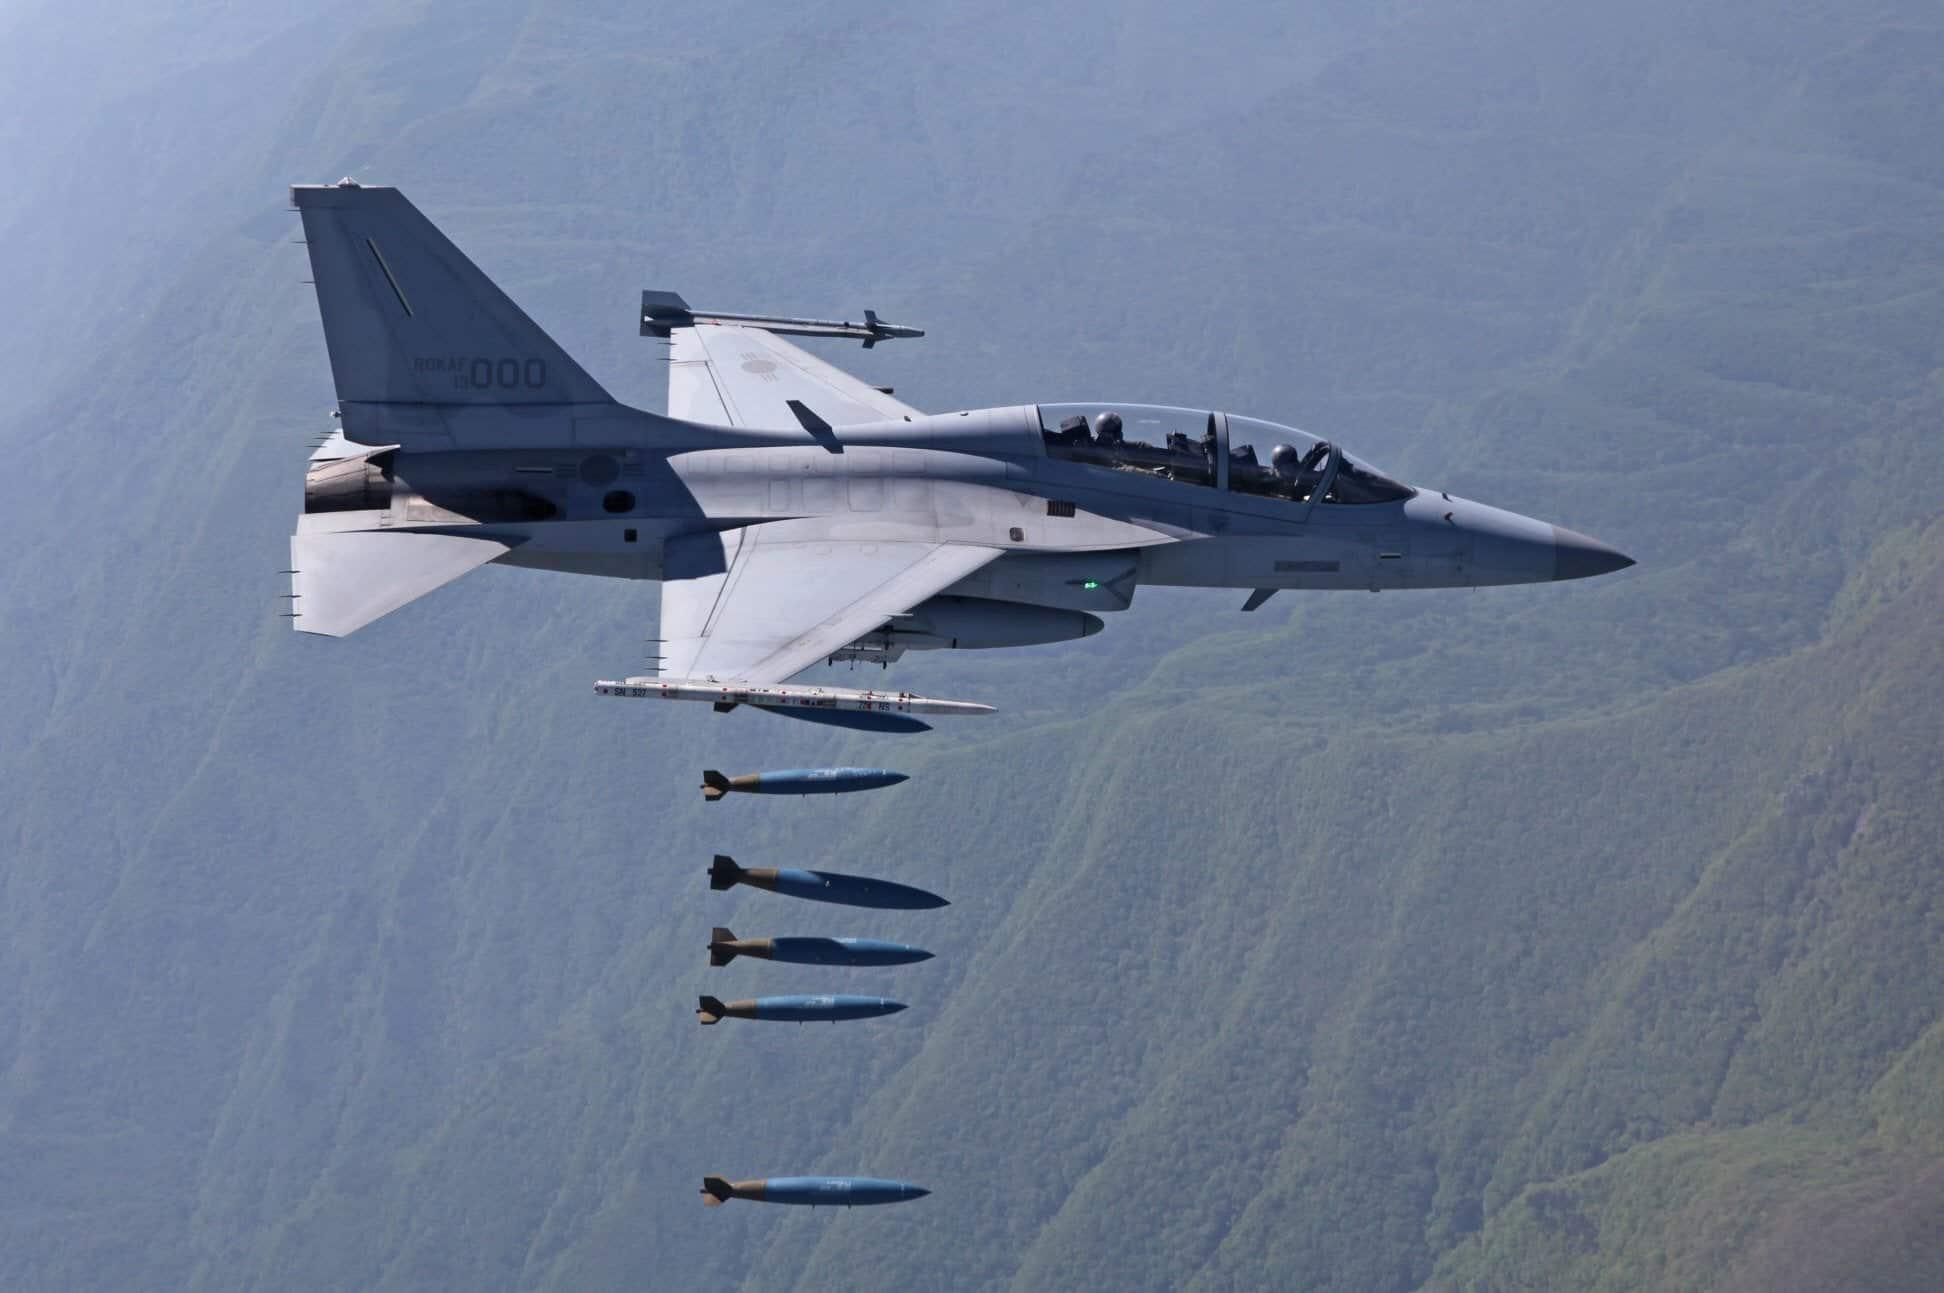 Південно-корейські літаки T-50 та FA-50